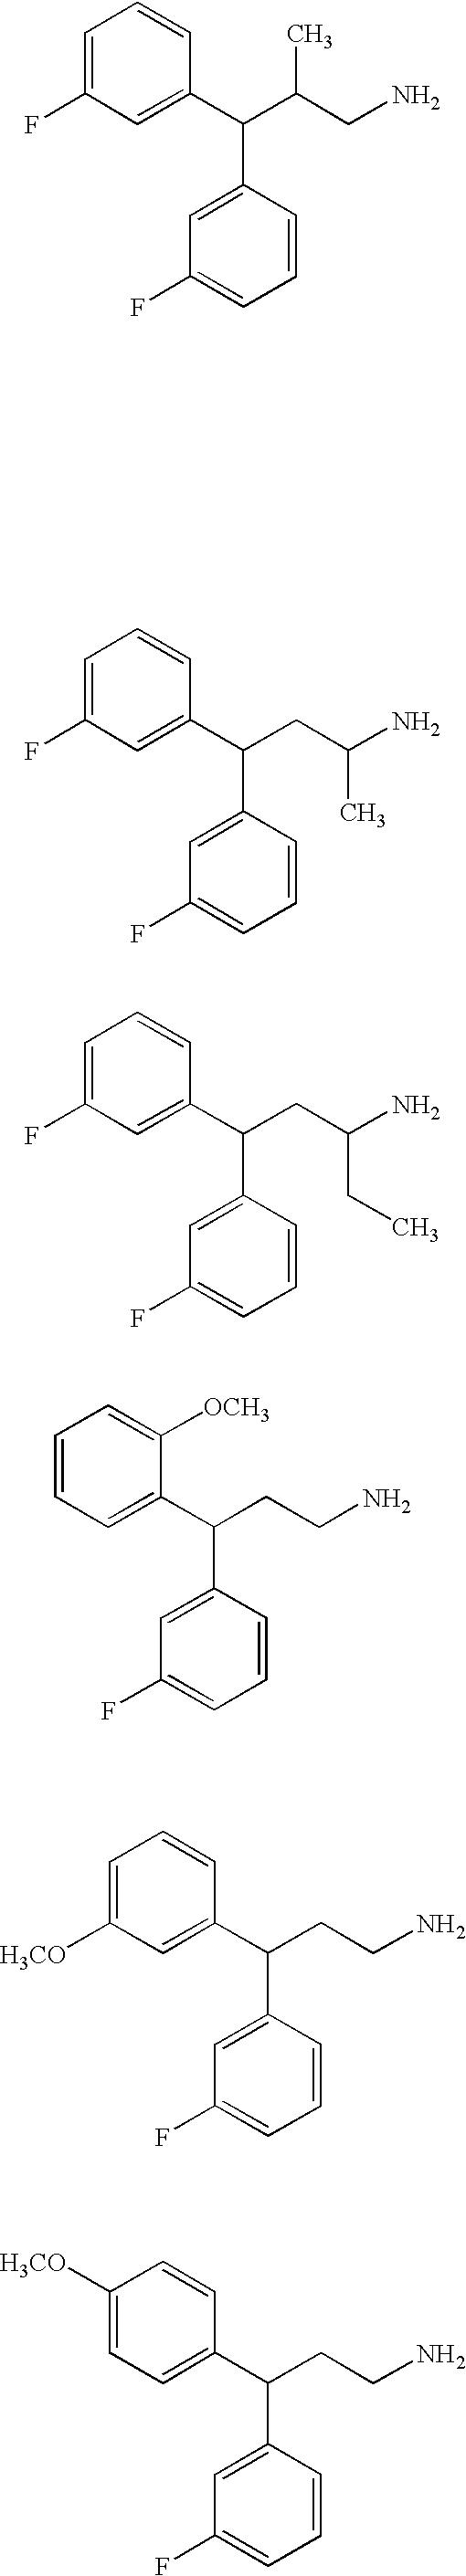 Figure US20050282859A1-20051222-C00039